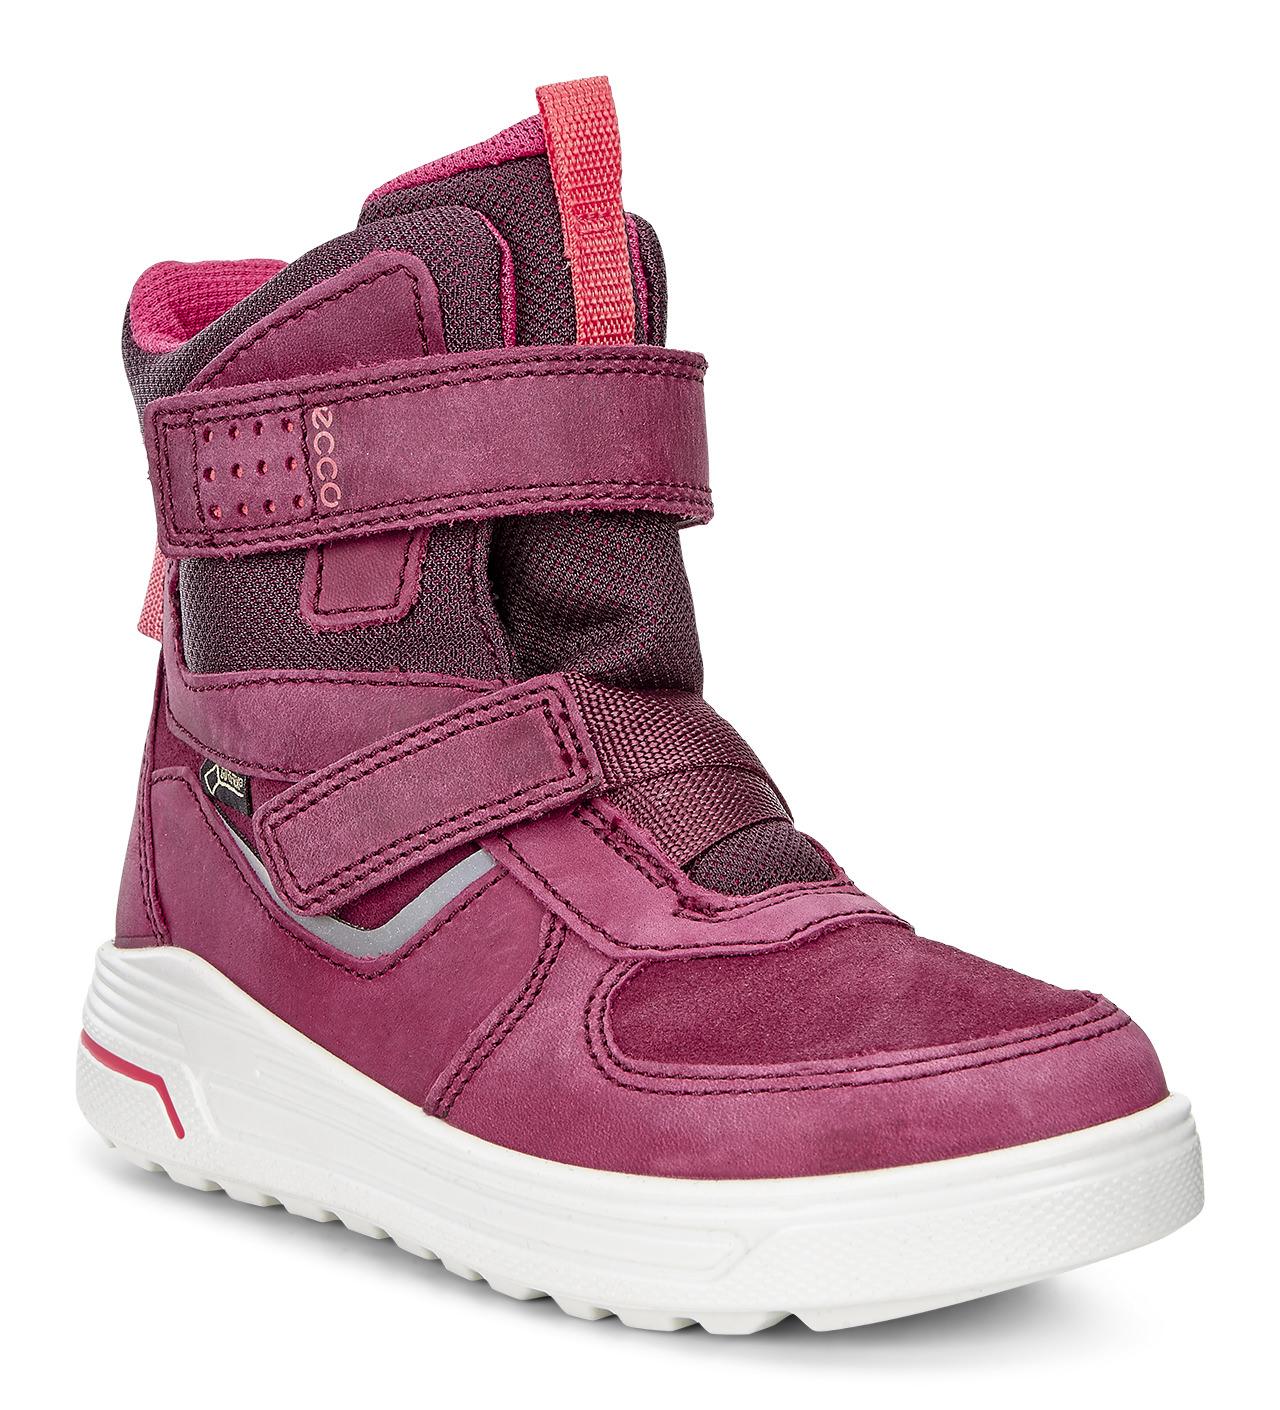 buty chłopięce zimowe ecco